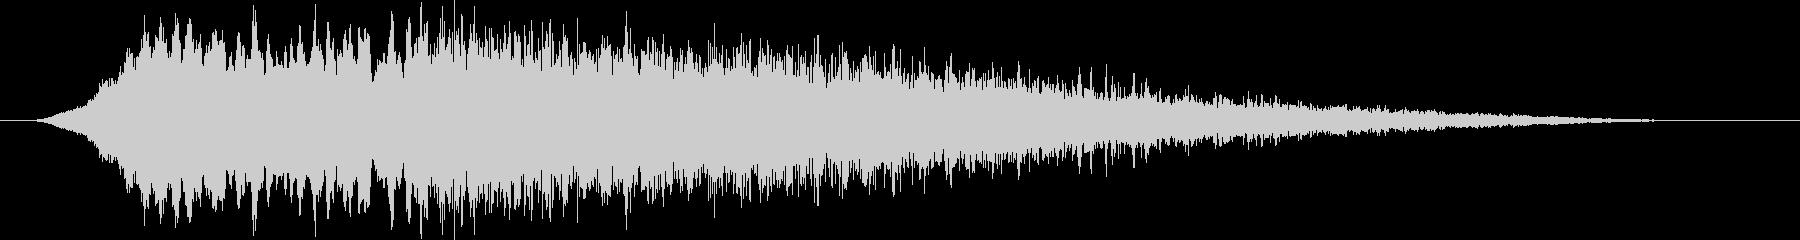 ディスコサイレン タイプBの未再生の波形